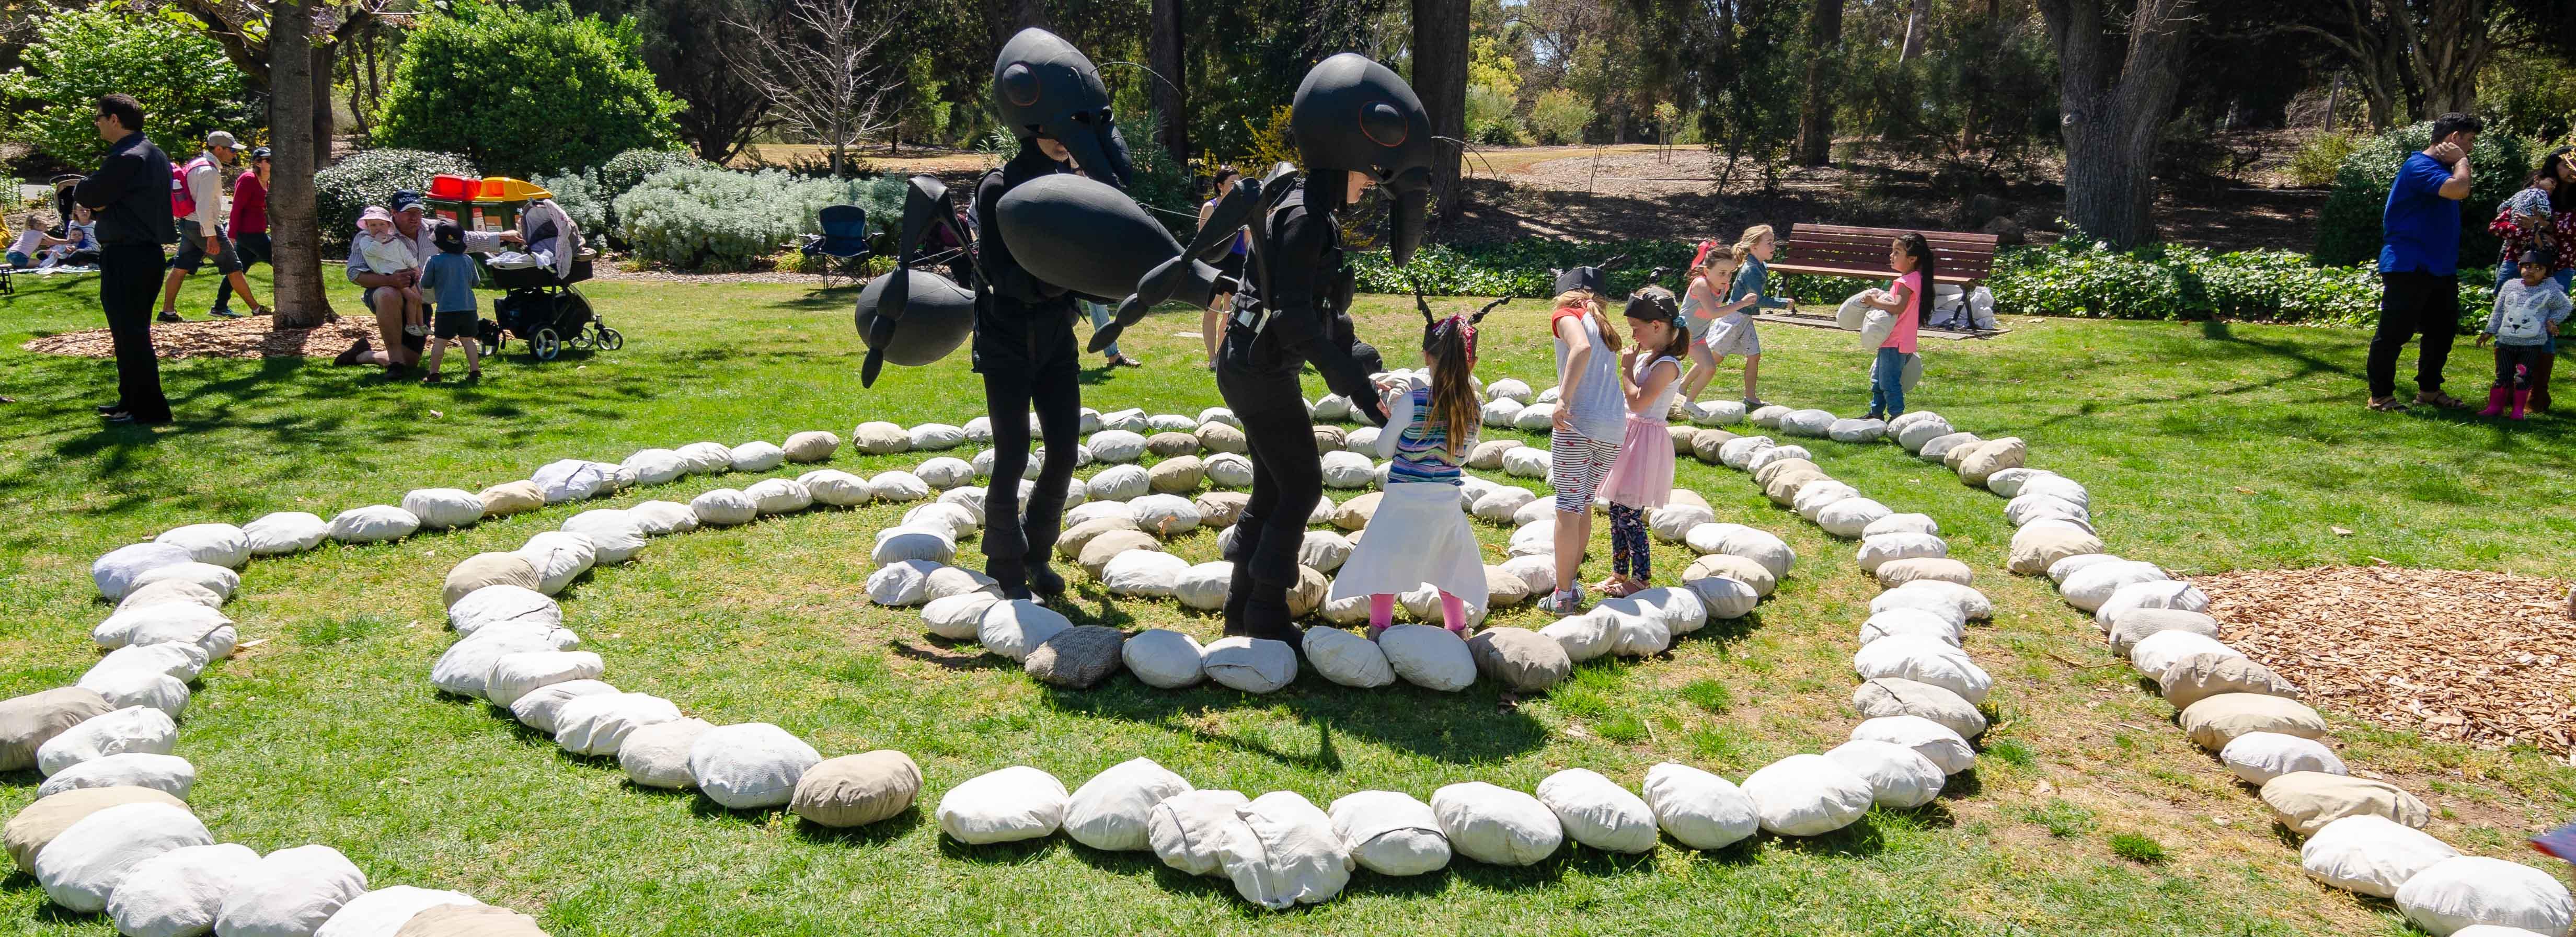 Spring Jam Children's Festival